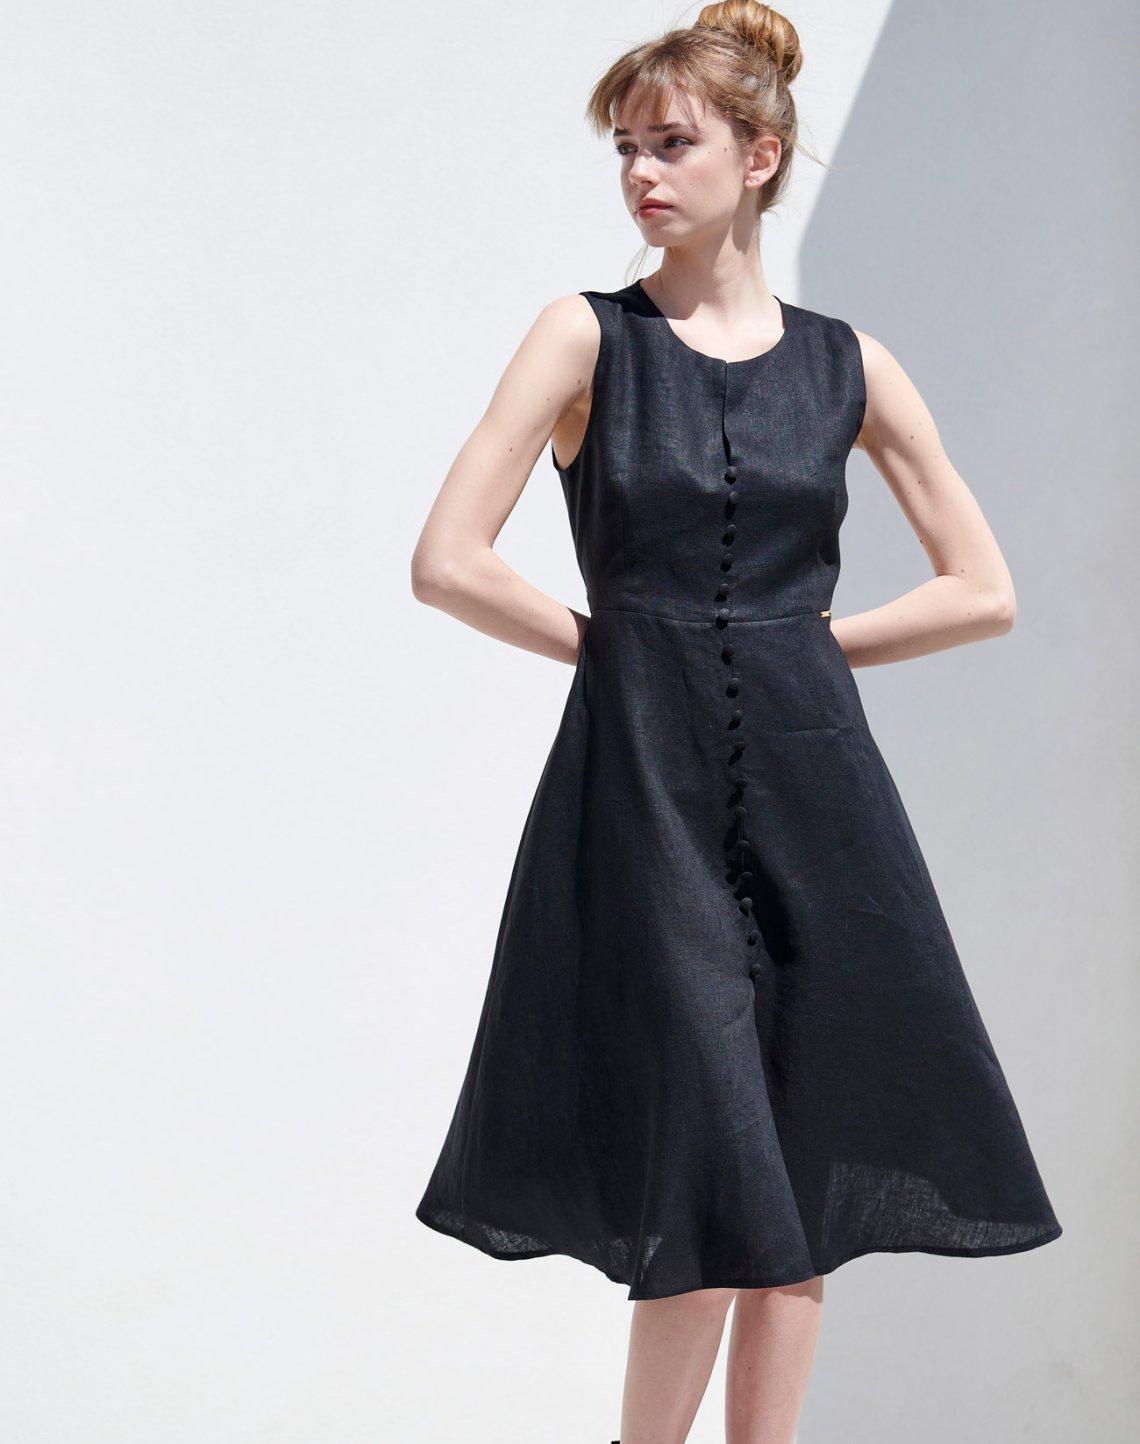 Λινό μίντι φόρεμα με κουμπιά